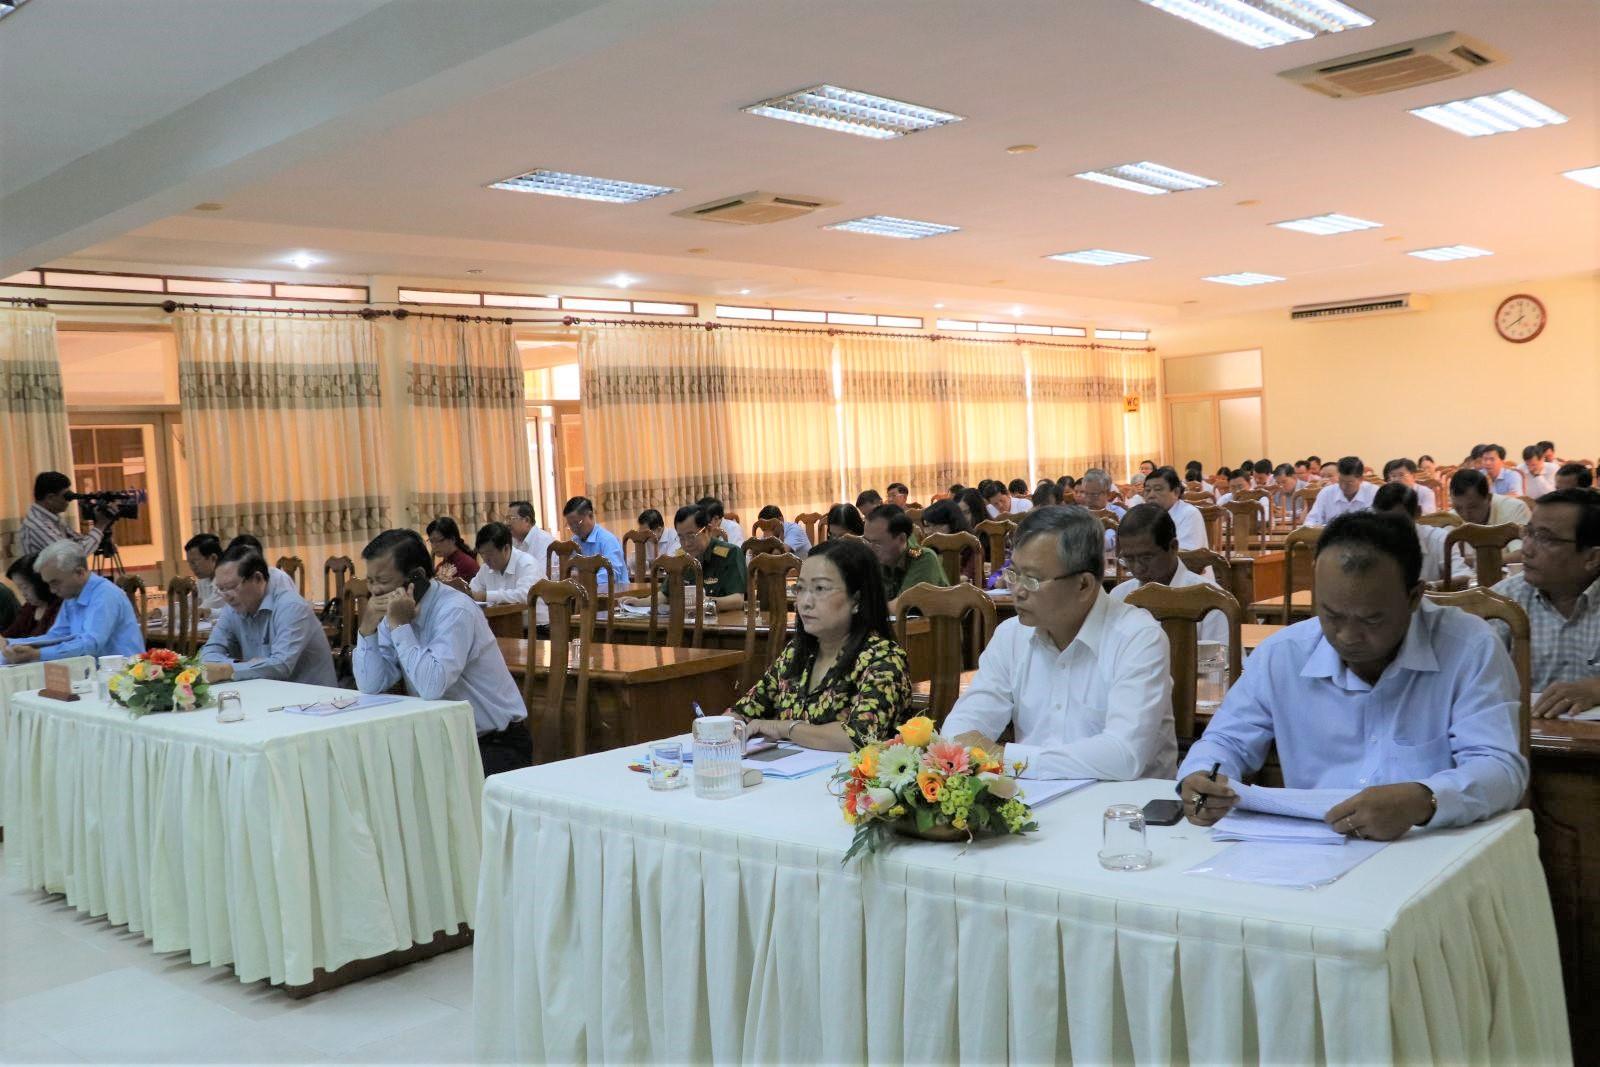 Các đại biểu tham dự Hội nghị tổng kết công tác xây dựng Đảng và thi hành Điều lệ Đảng nhiệm kỳ Đại hội XII của Đảng. Ảnh: Q. THÁI